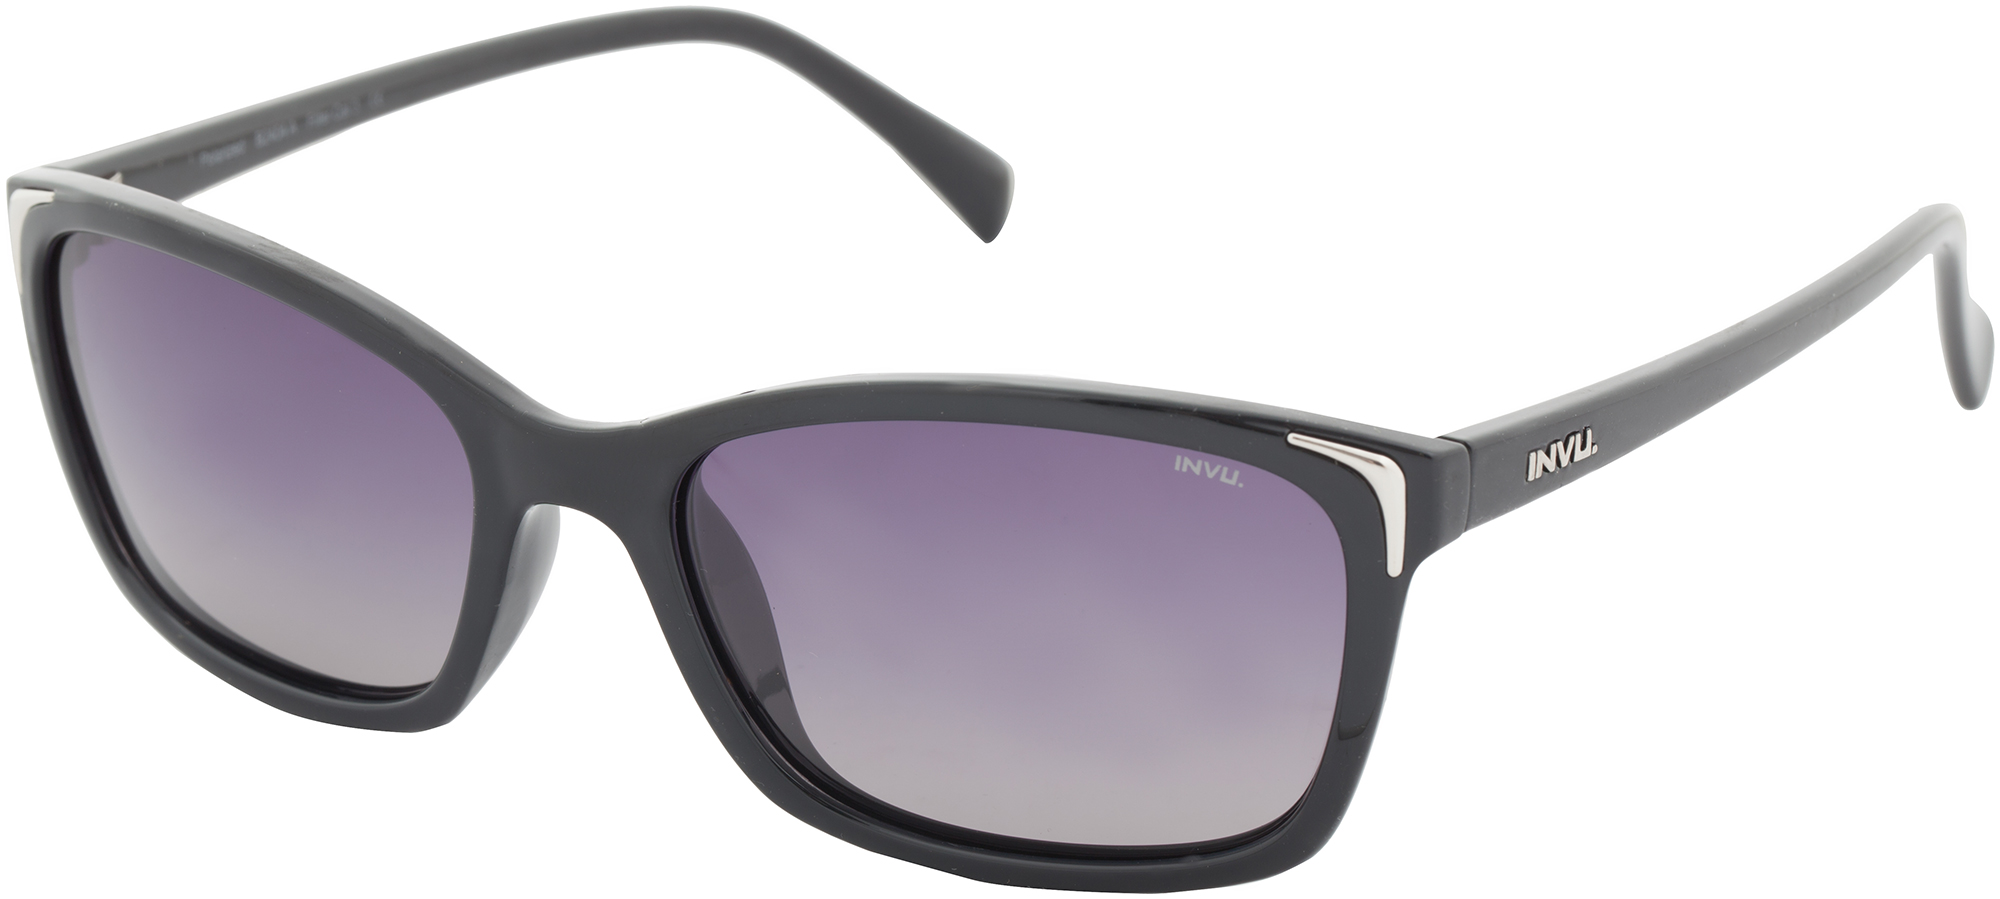 купить Invu Солнцезащитные очки женские Invu дешево